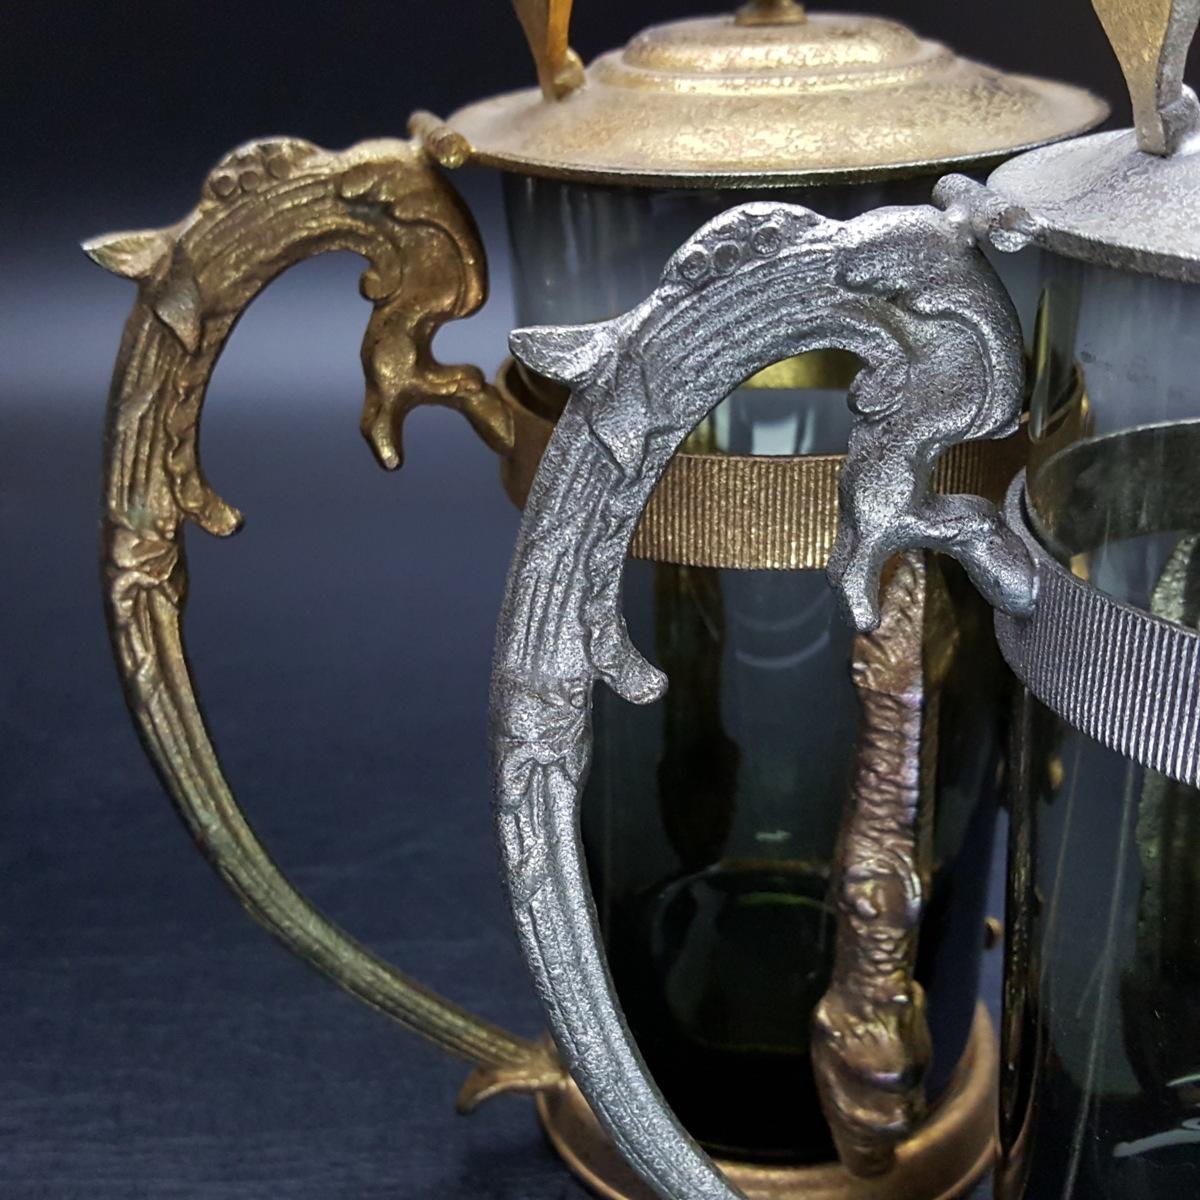 【宝蔵】アンティーク メデューサ メドゥーサ 金銀一対 蓋付グラス 一組 カップ コップ_画像7